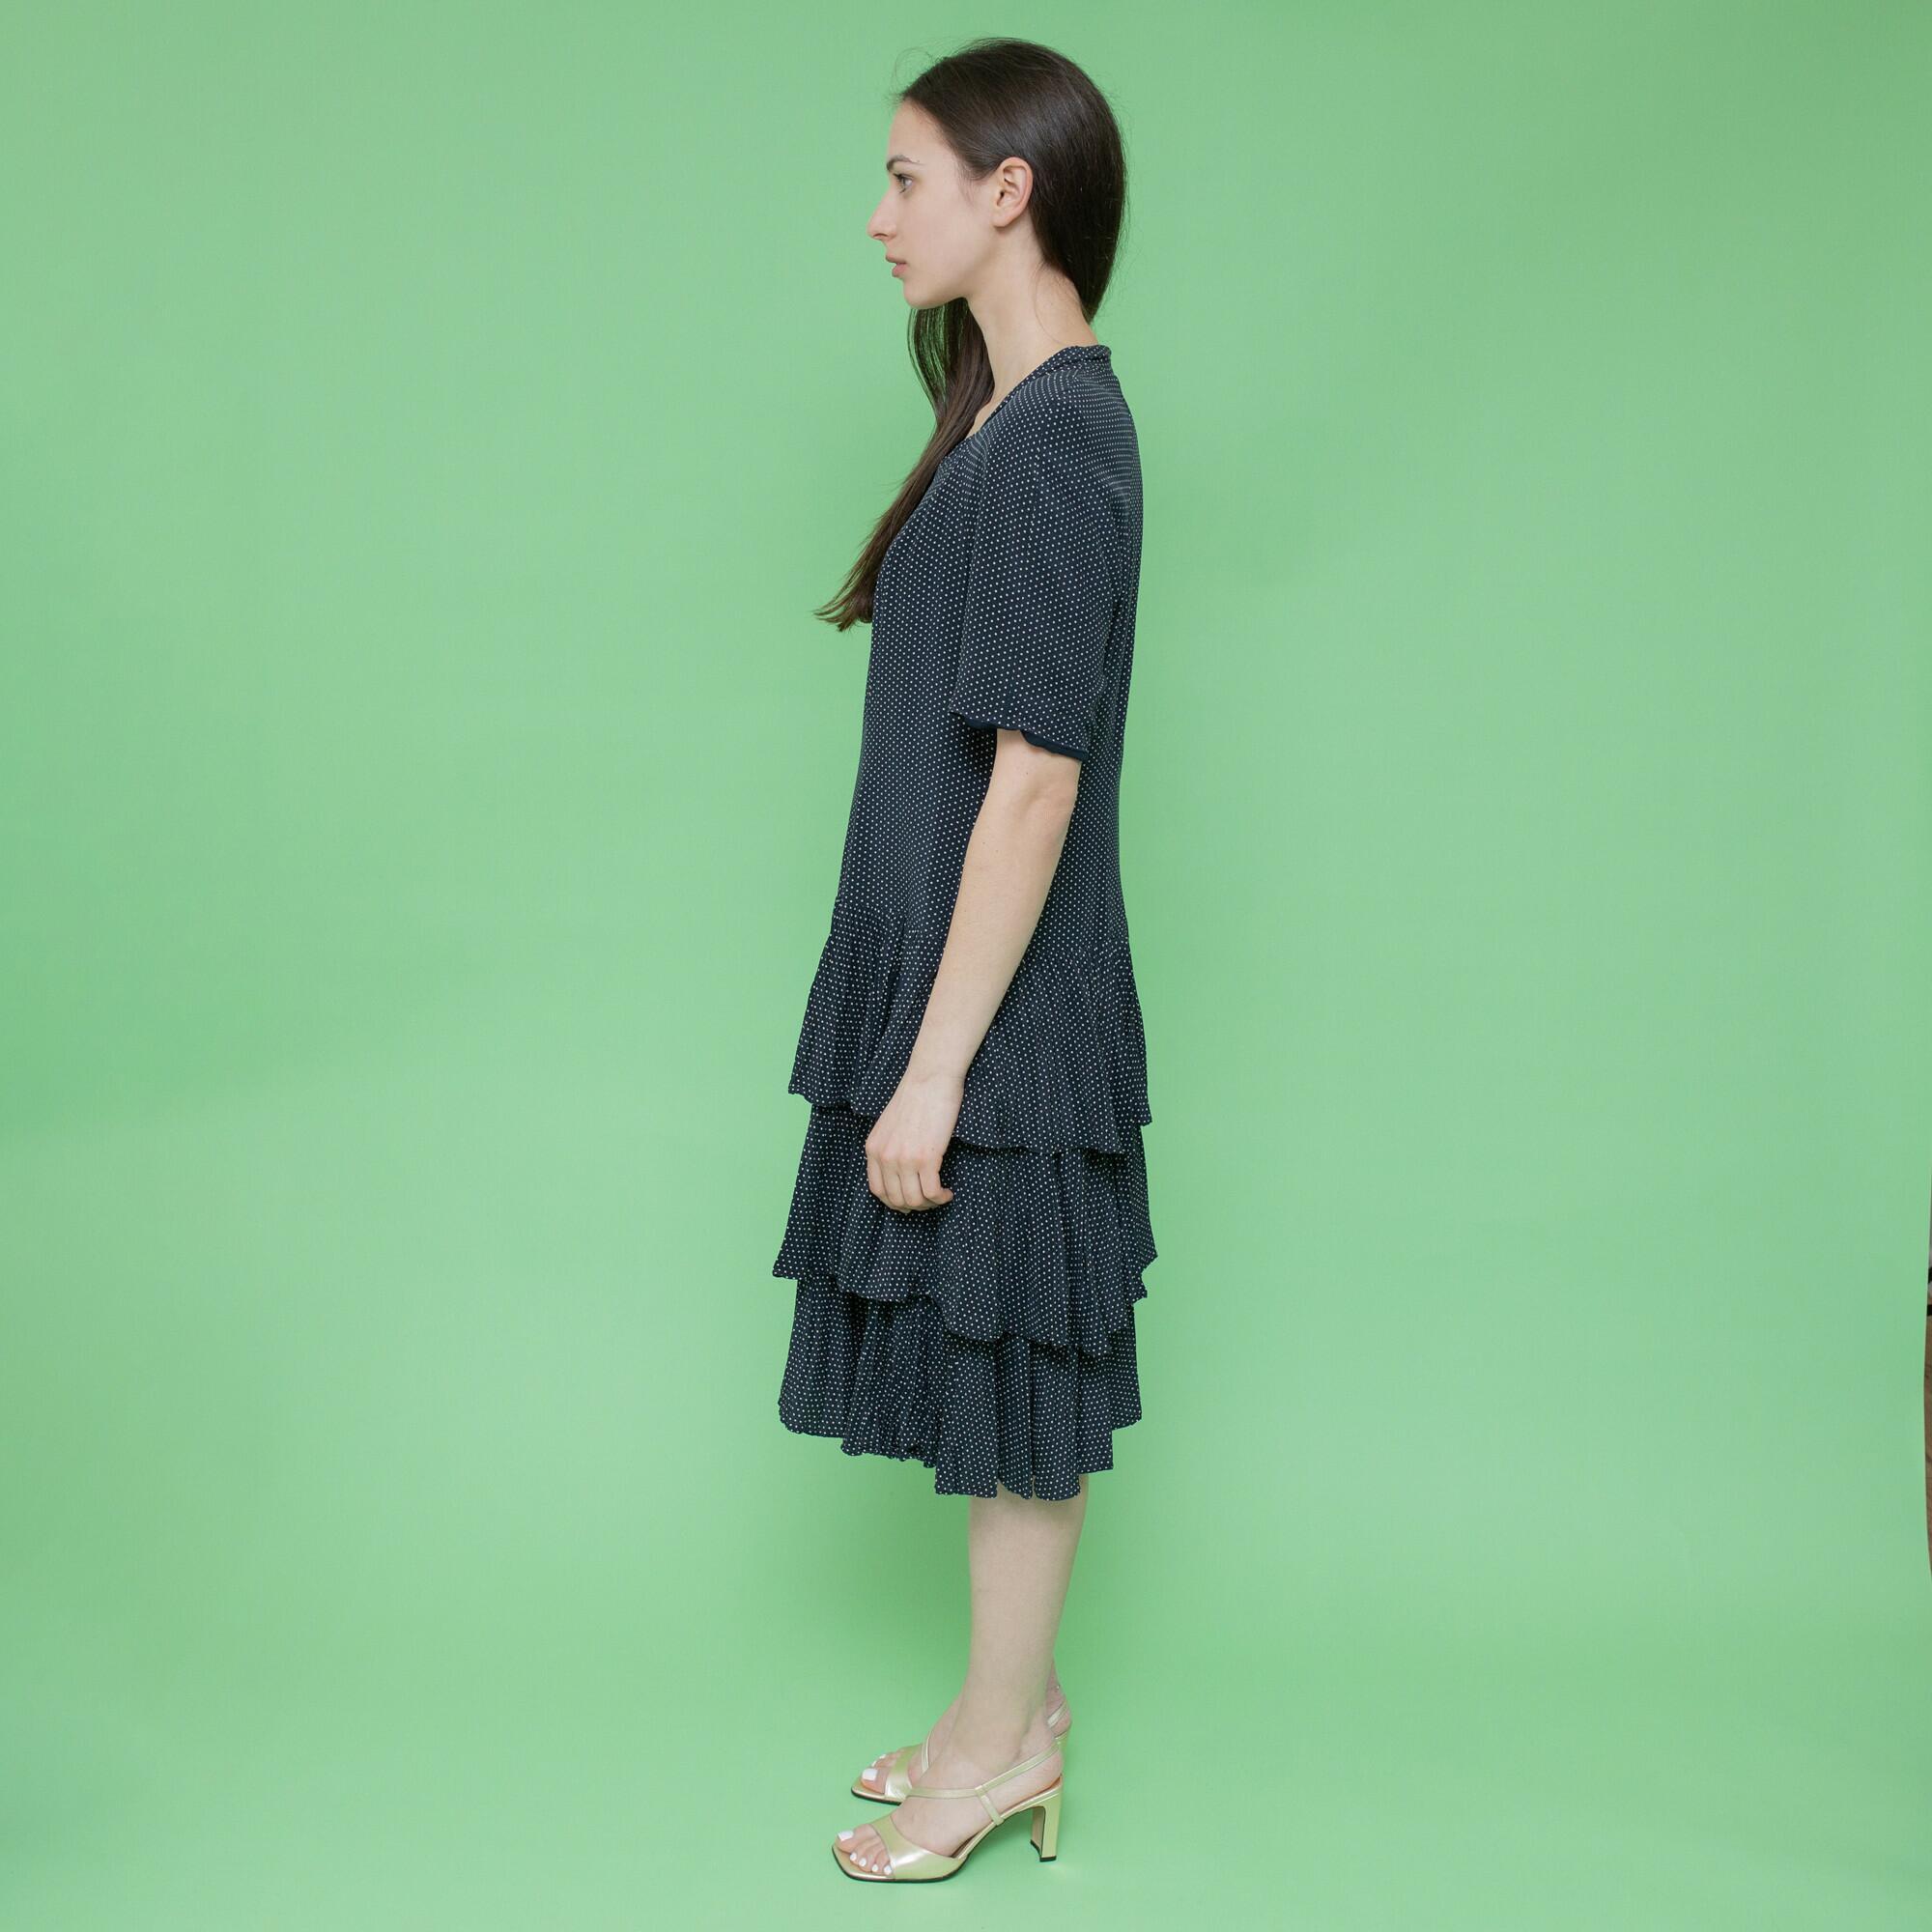 Granatowa jedwabna sukienka w drobne białe groszki z falbanką - KEX Vintage Store | JestemSlow.pl